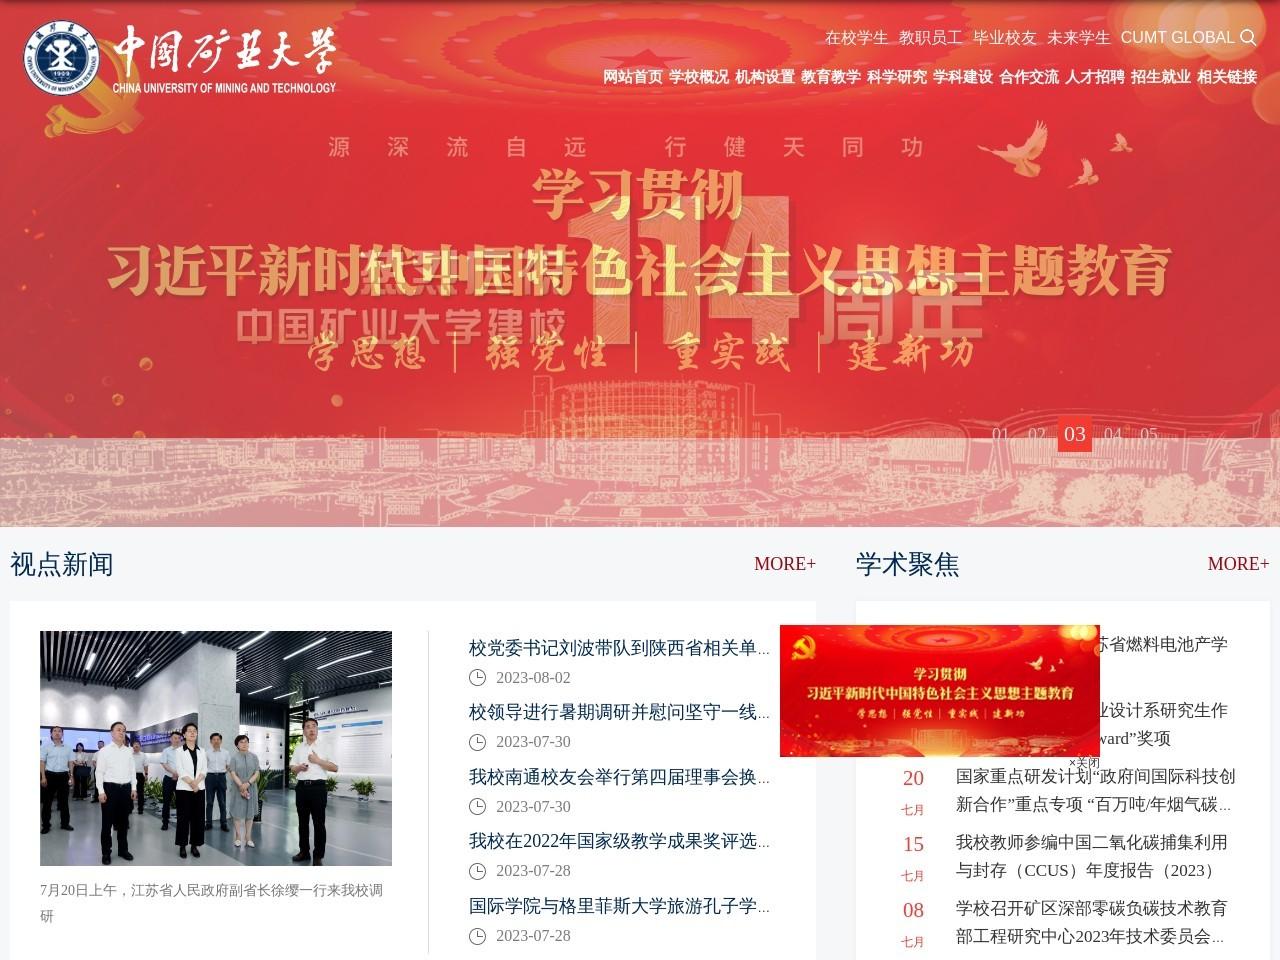 中国矿业大学官网